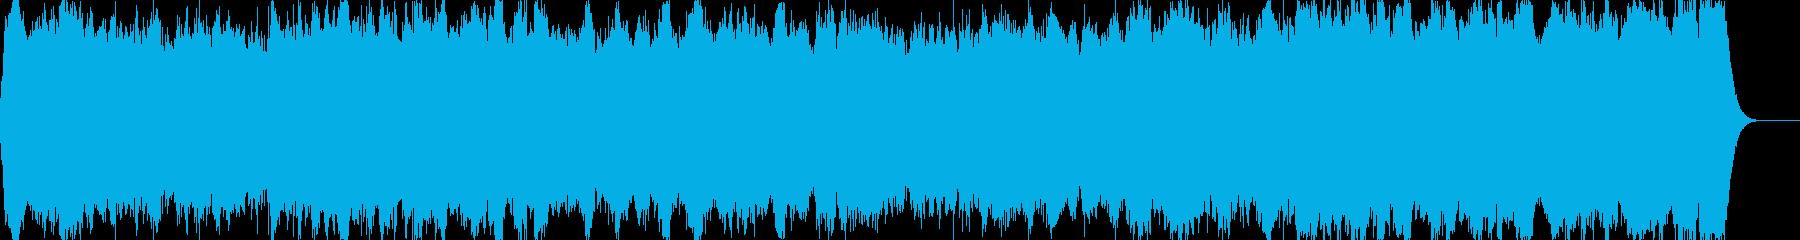 重厚で荘厳なパイプオルガンのオリジナル曲の再生済みの波形